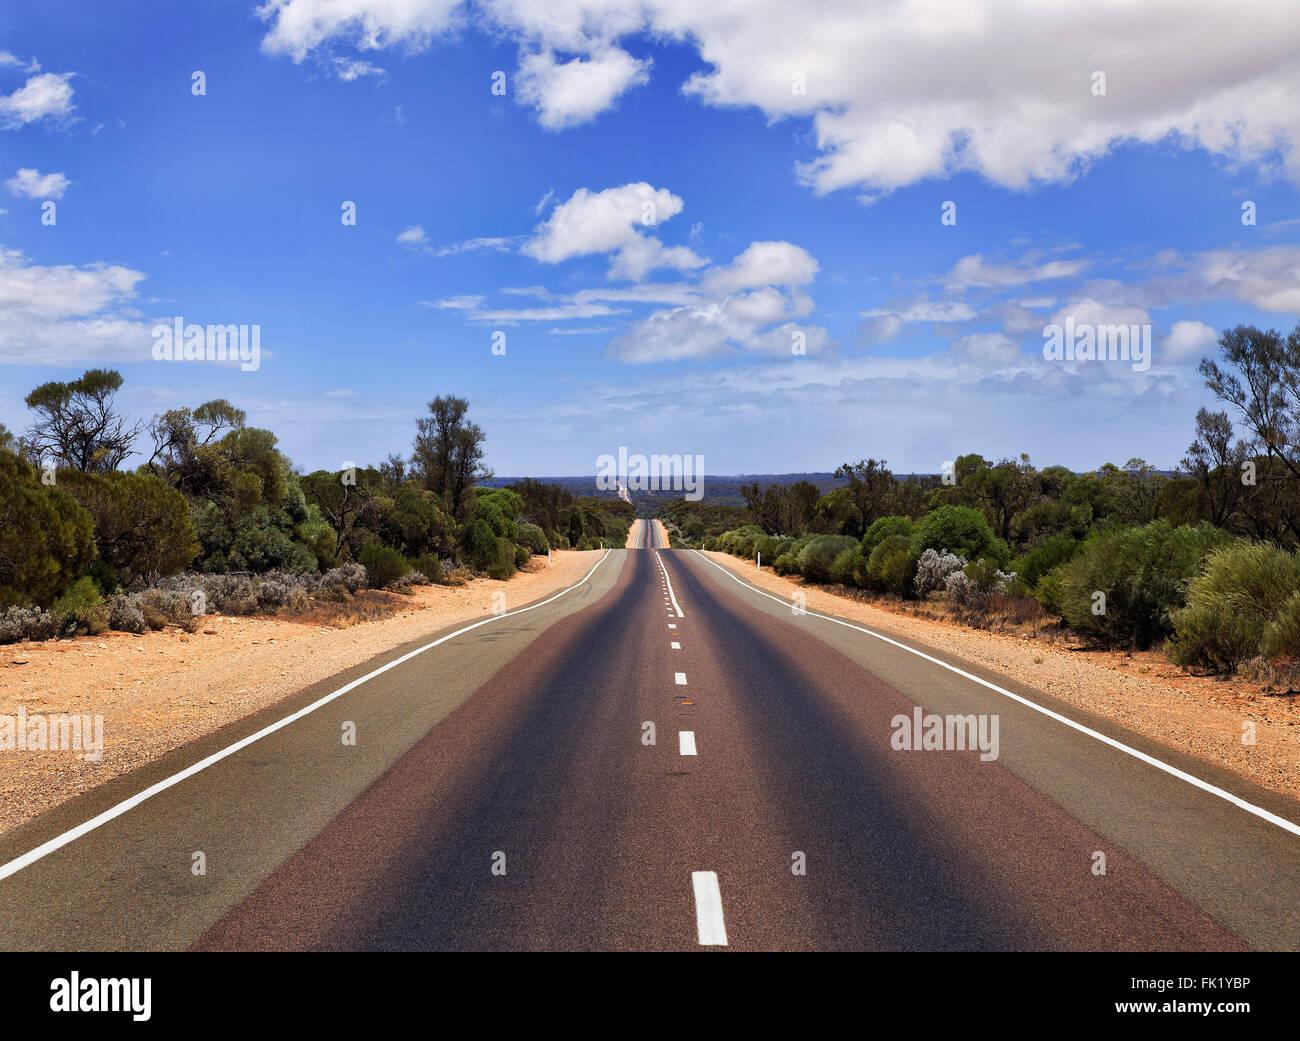 Ampia vuoto sigillato asfalto Eyre Highway in Sud Australia su una soleggiata giornata estiva. Nessun Auto o traffico Immagini Stock